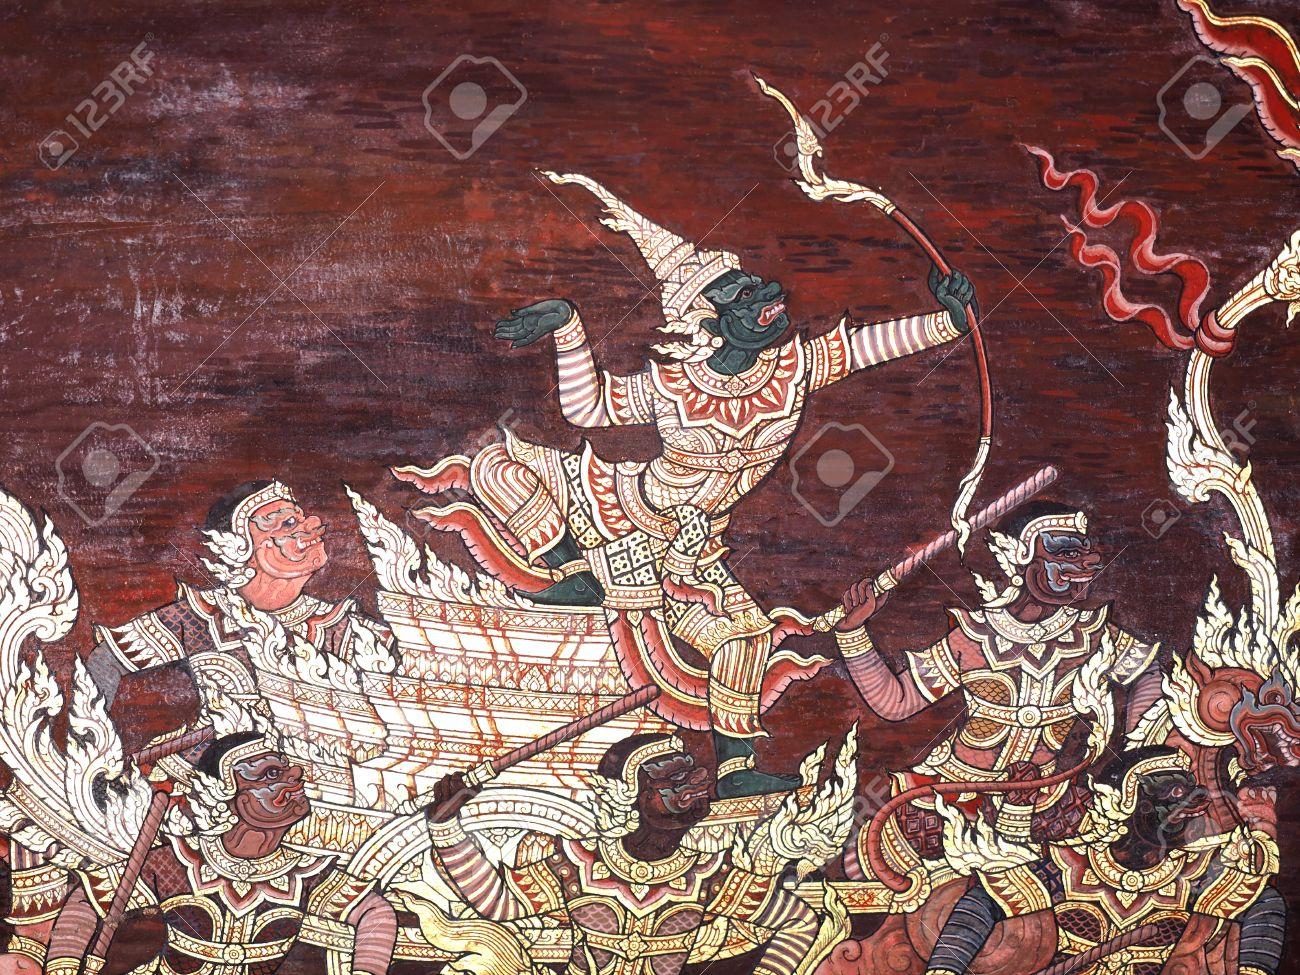 ramayana epic story